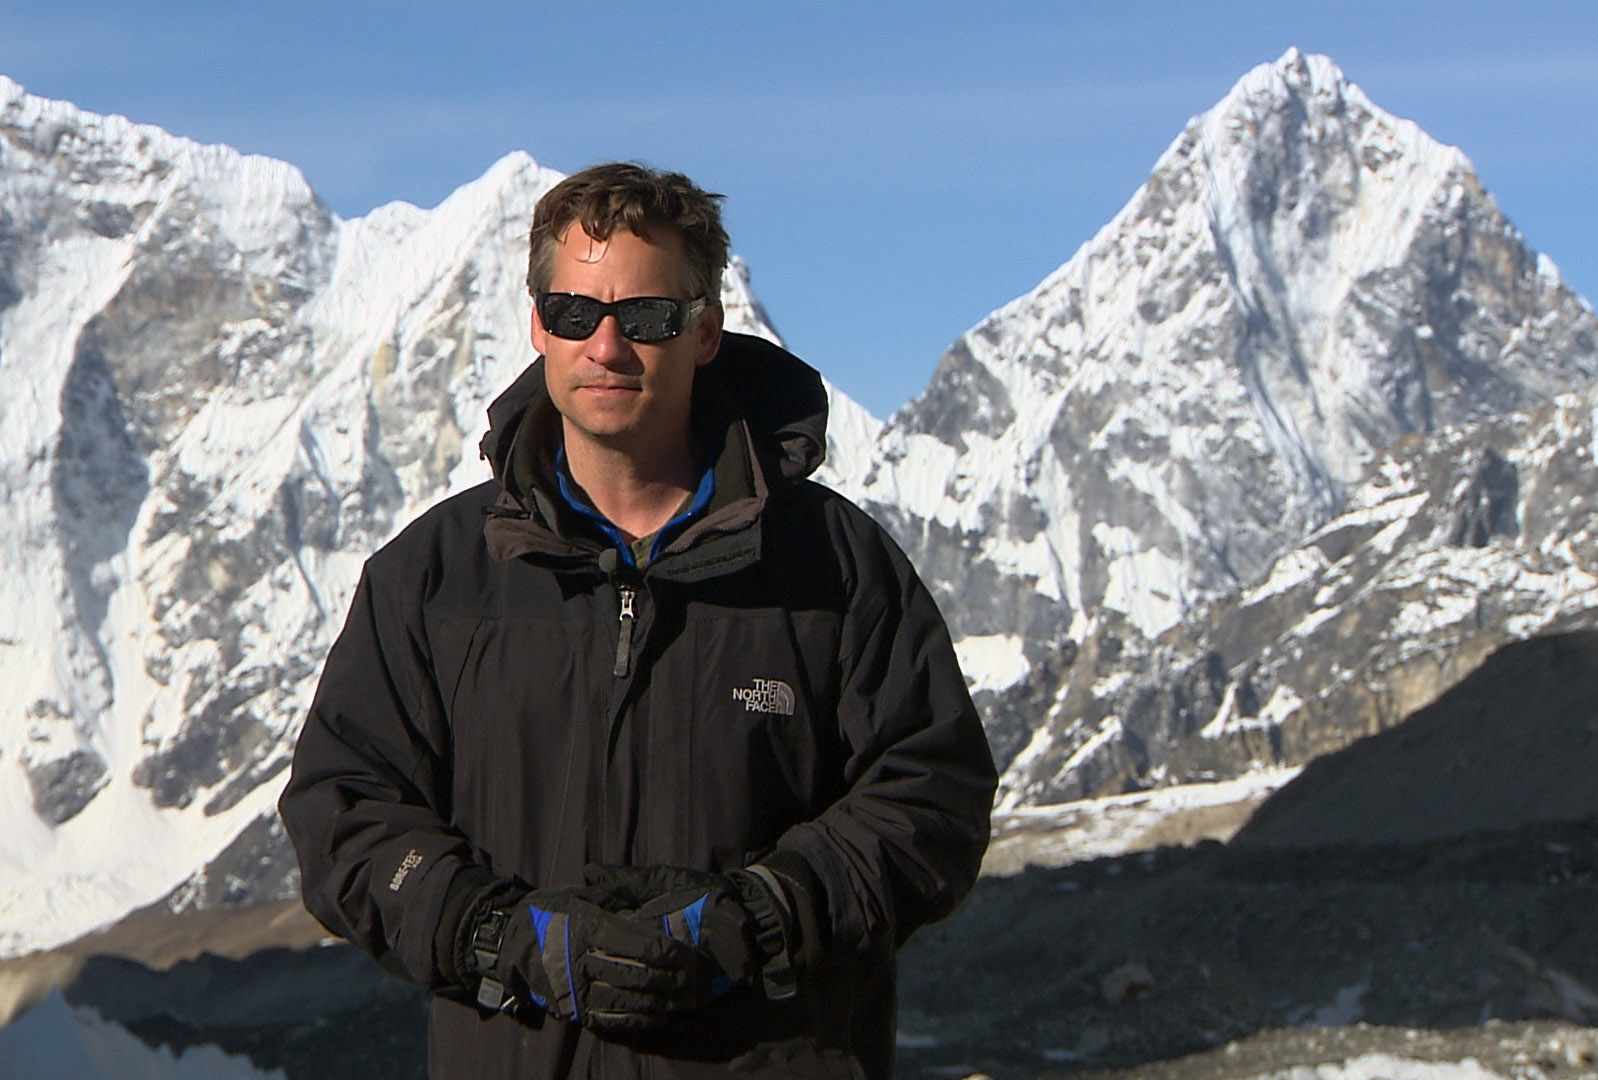 Richard Engel at Everest Base Camp.